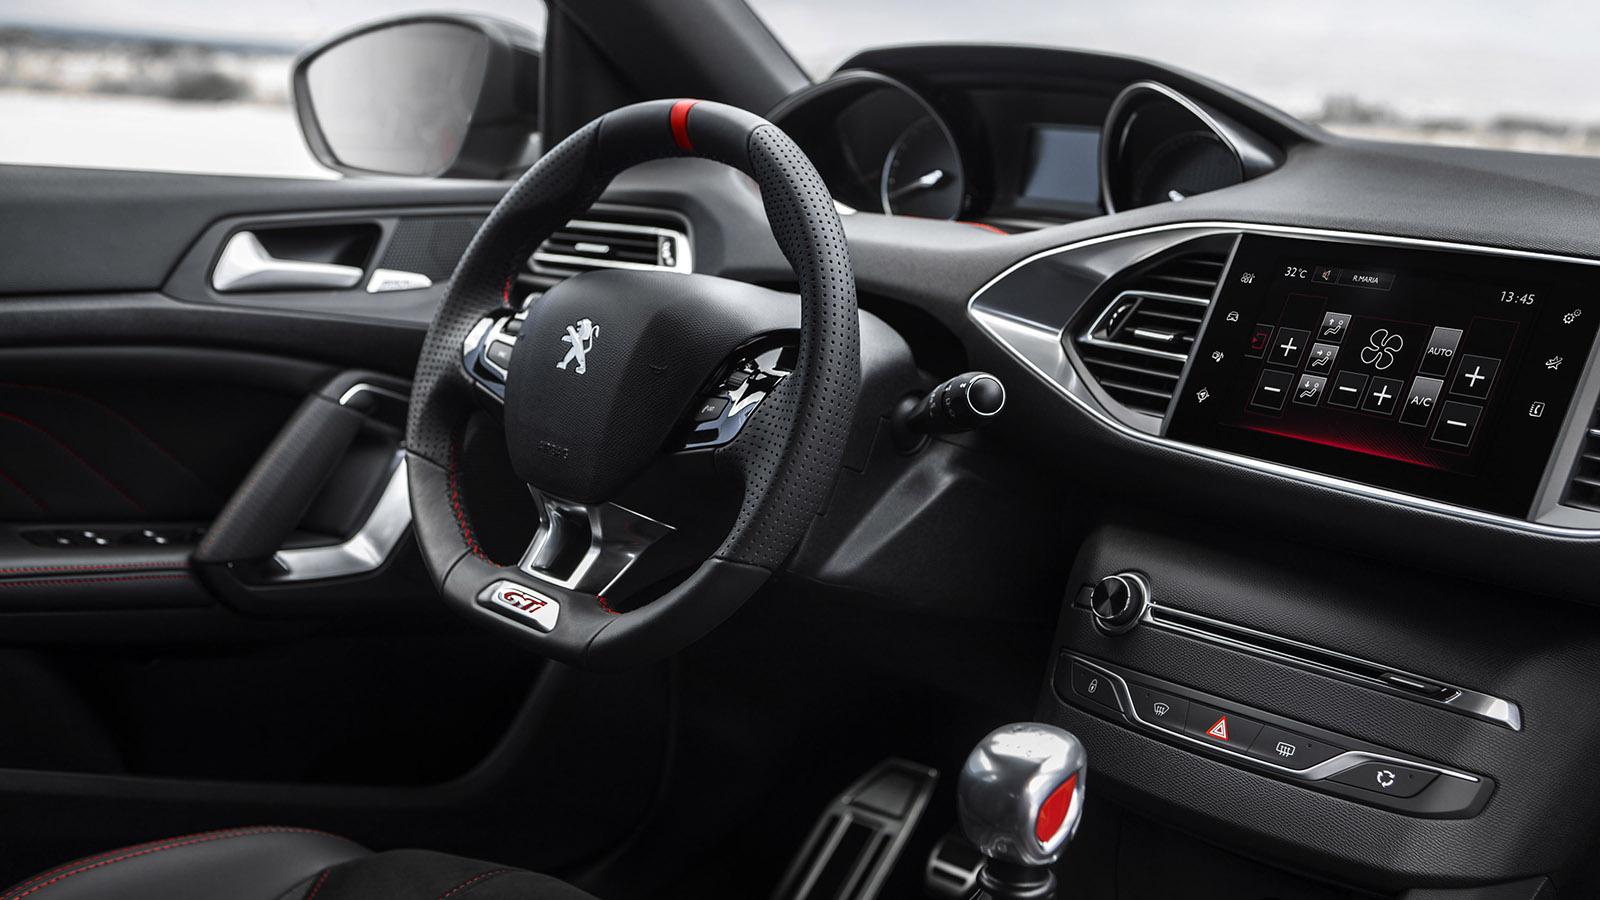 Conserva el cuadro de instrumentos elevado (i-Cockpit) para que se vean sus informaciones por encima del compacto volante, característico de los últimos Peugeot.